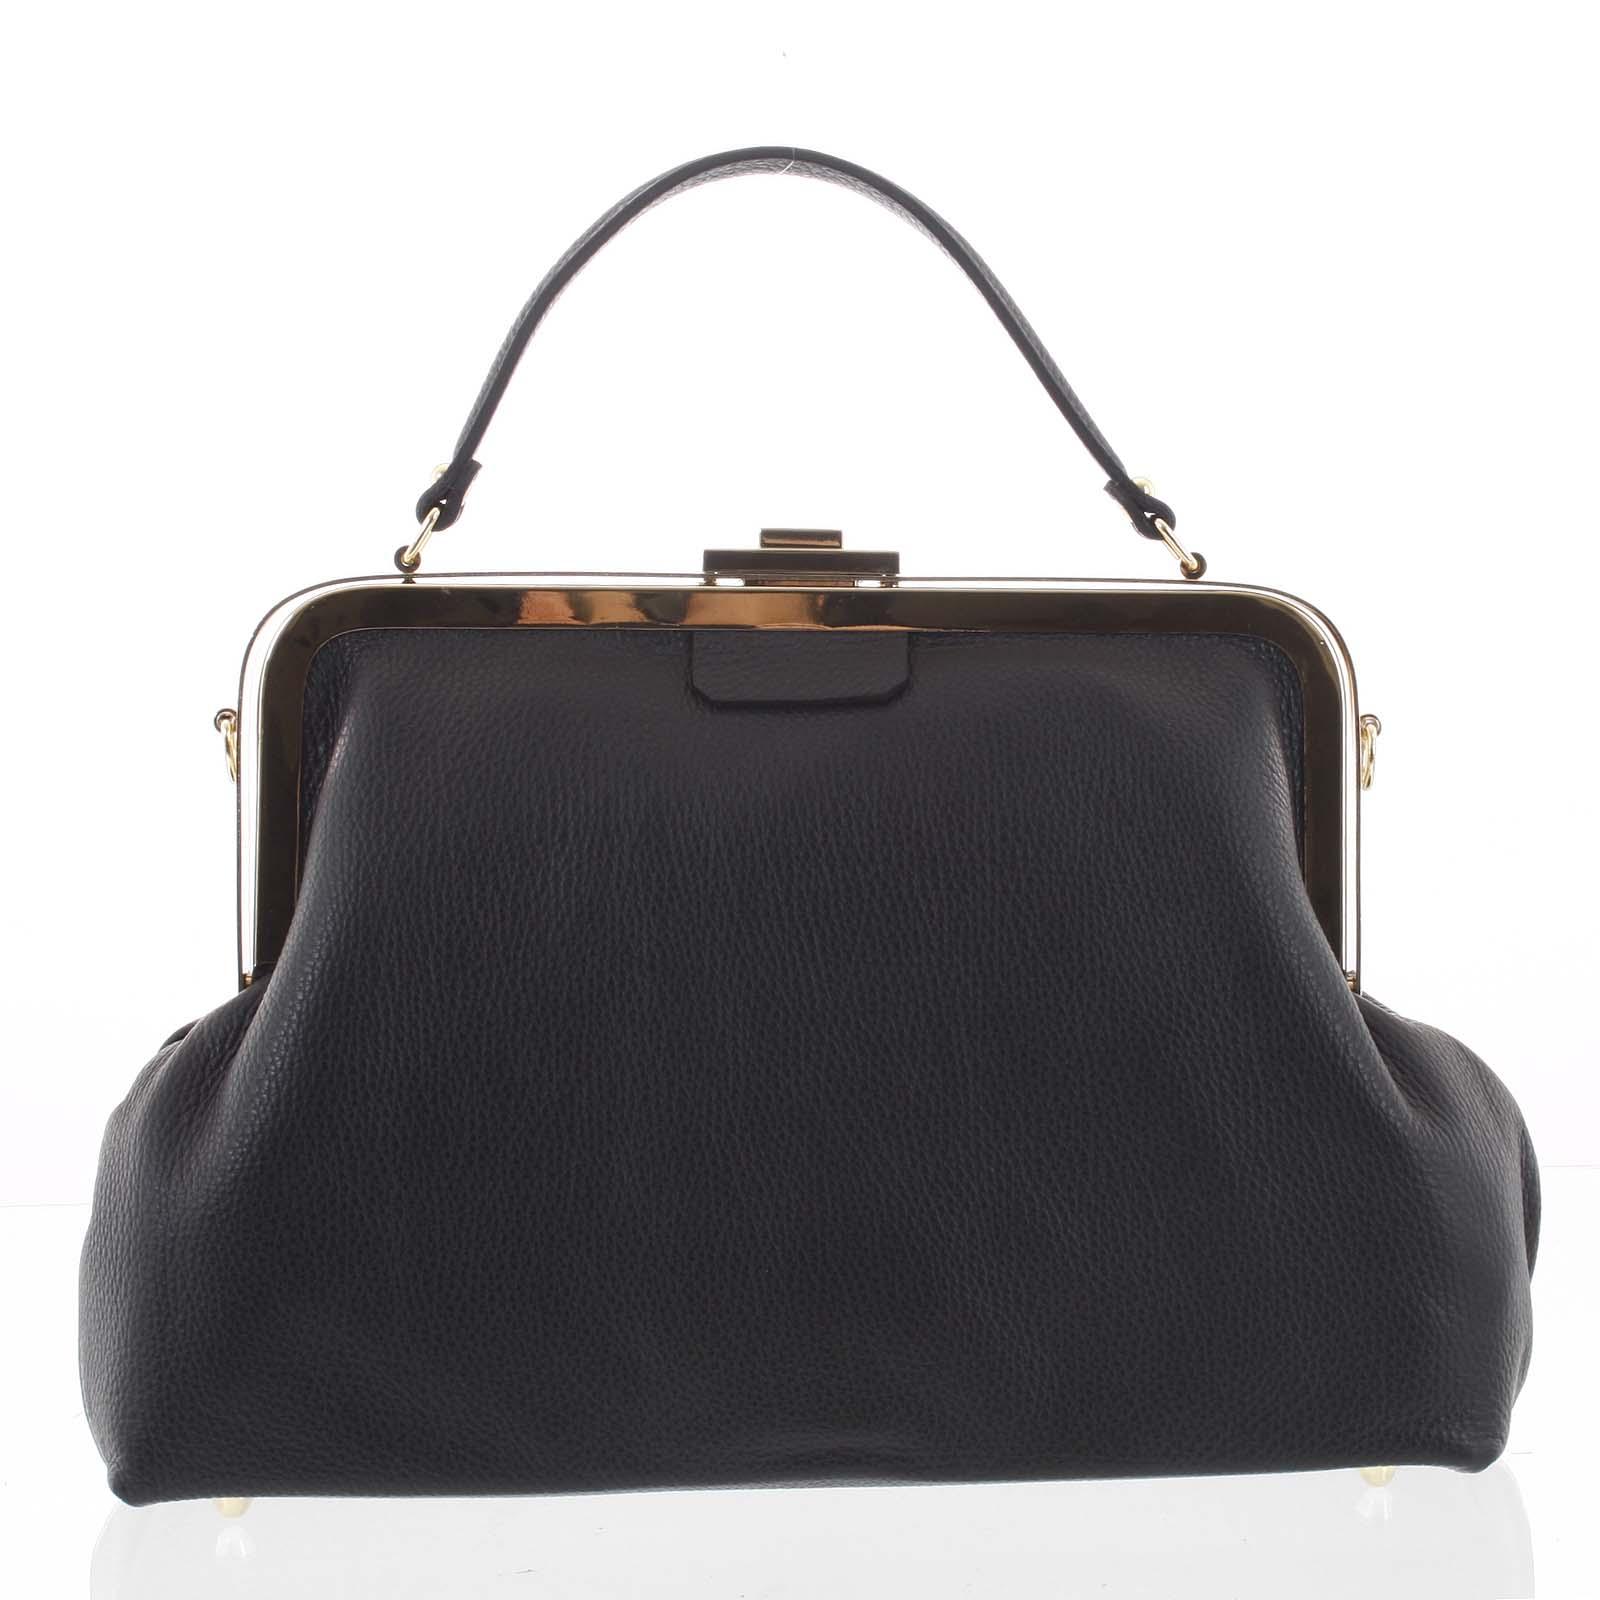 Retro luxusní dámská kožená kabelka černá - ItalY Maty